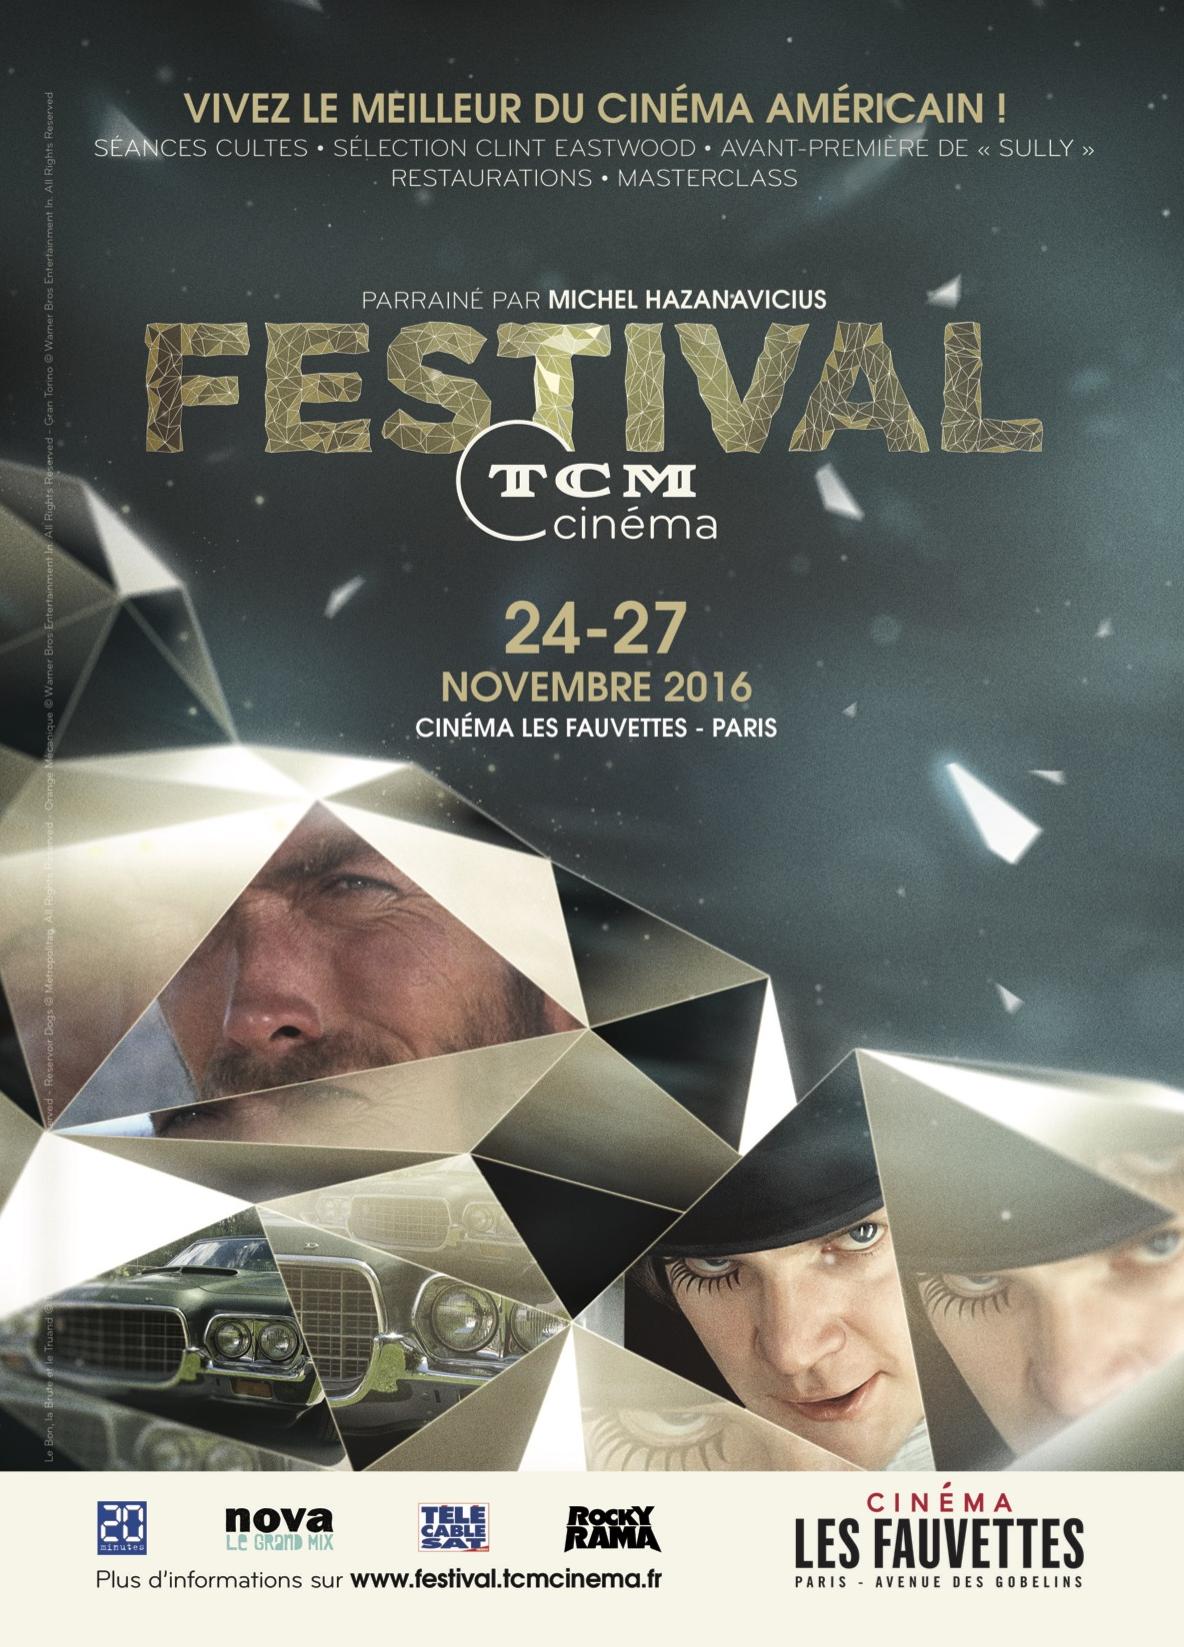 le-festival-tcm-cinema-debarque-a-paris-du-24-au-27-novembre-2016